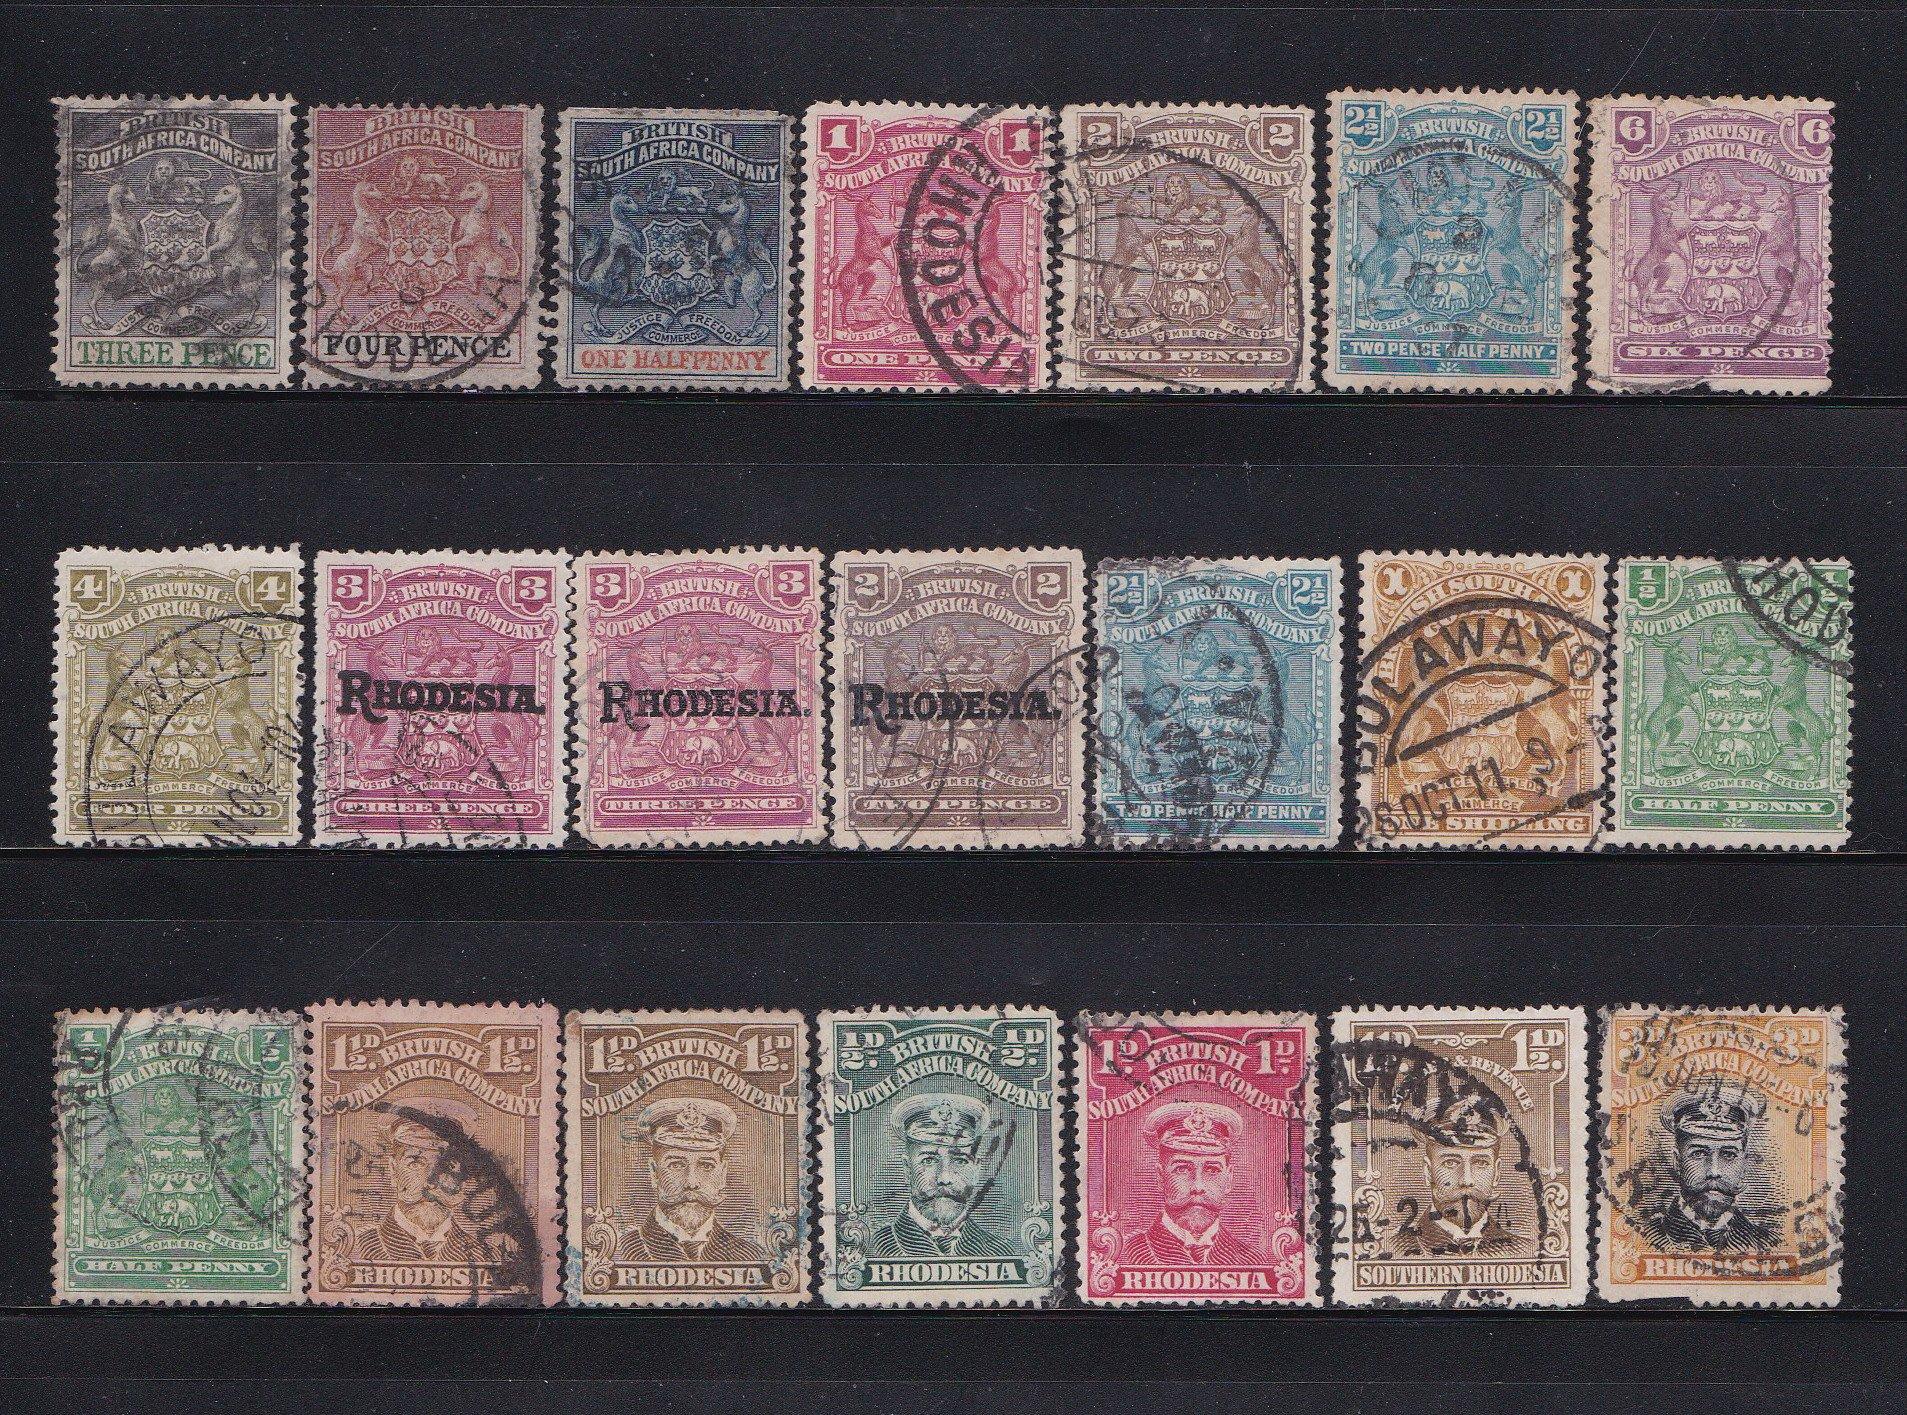 英屬南非公司-羅德西亞 1892-1913 各式各色已使用/加蓋郵票共21枚